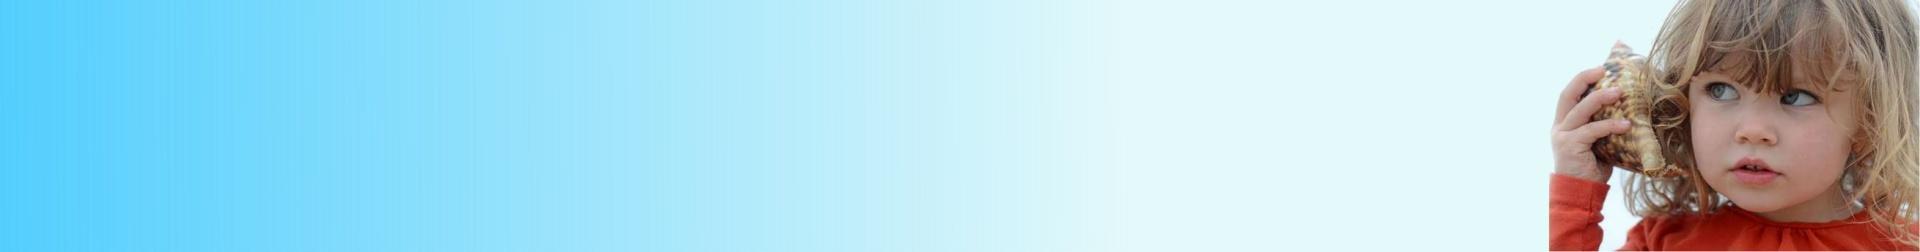 desanti-acustica-banner